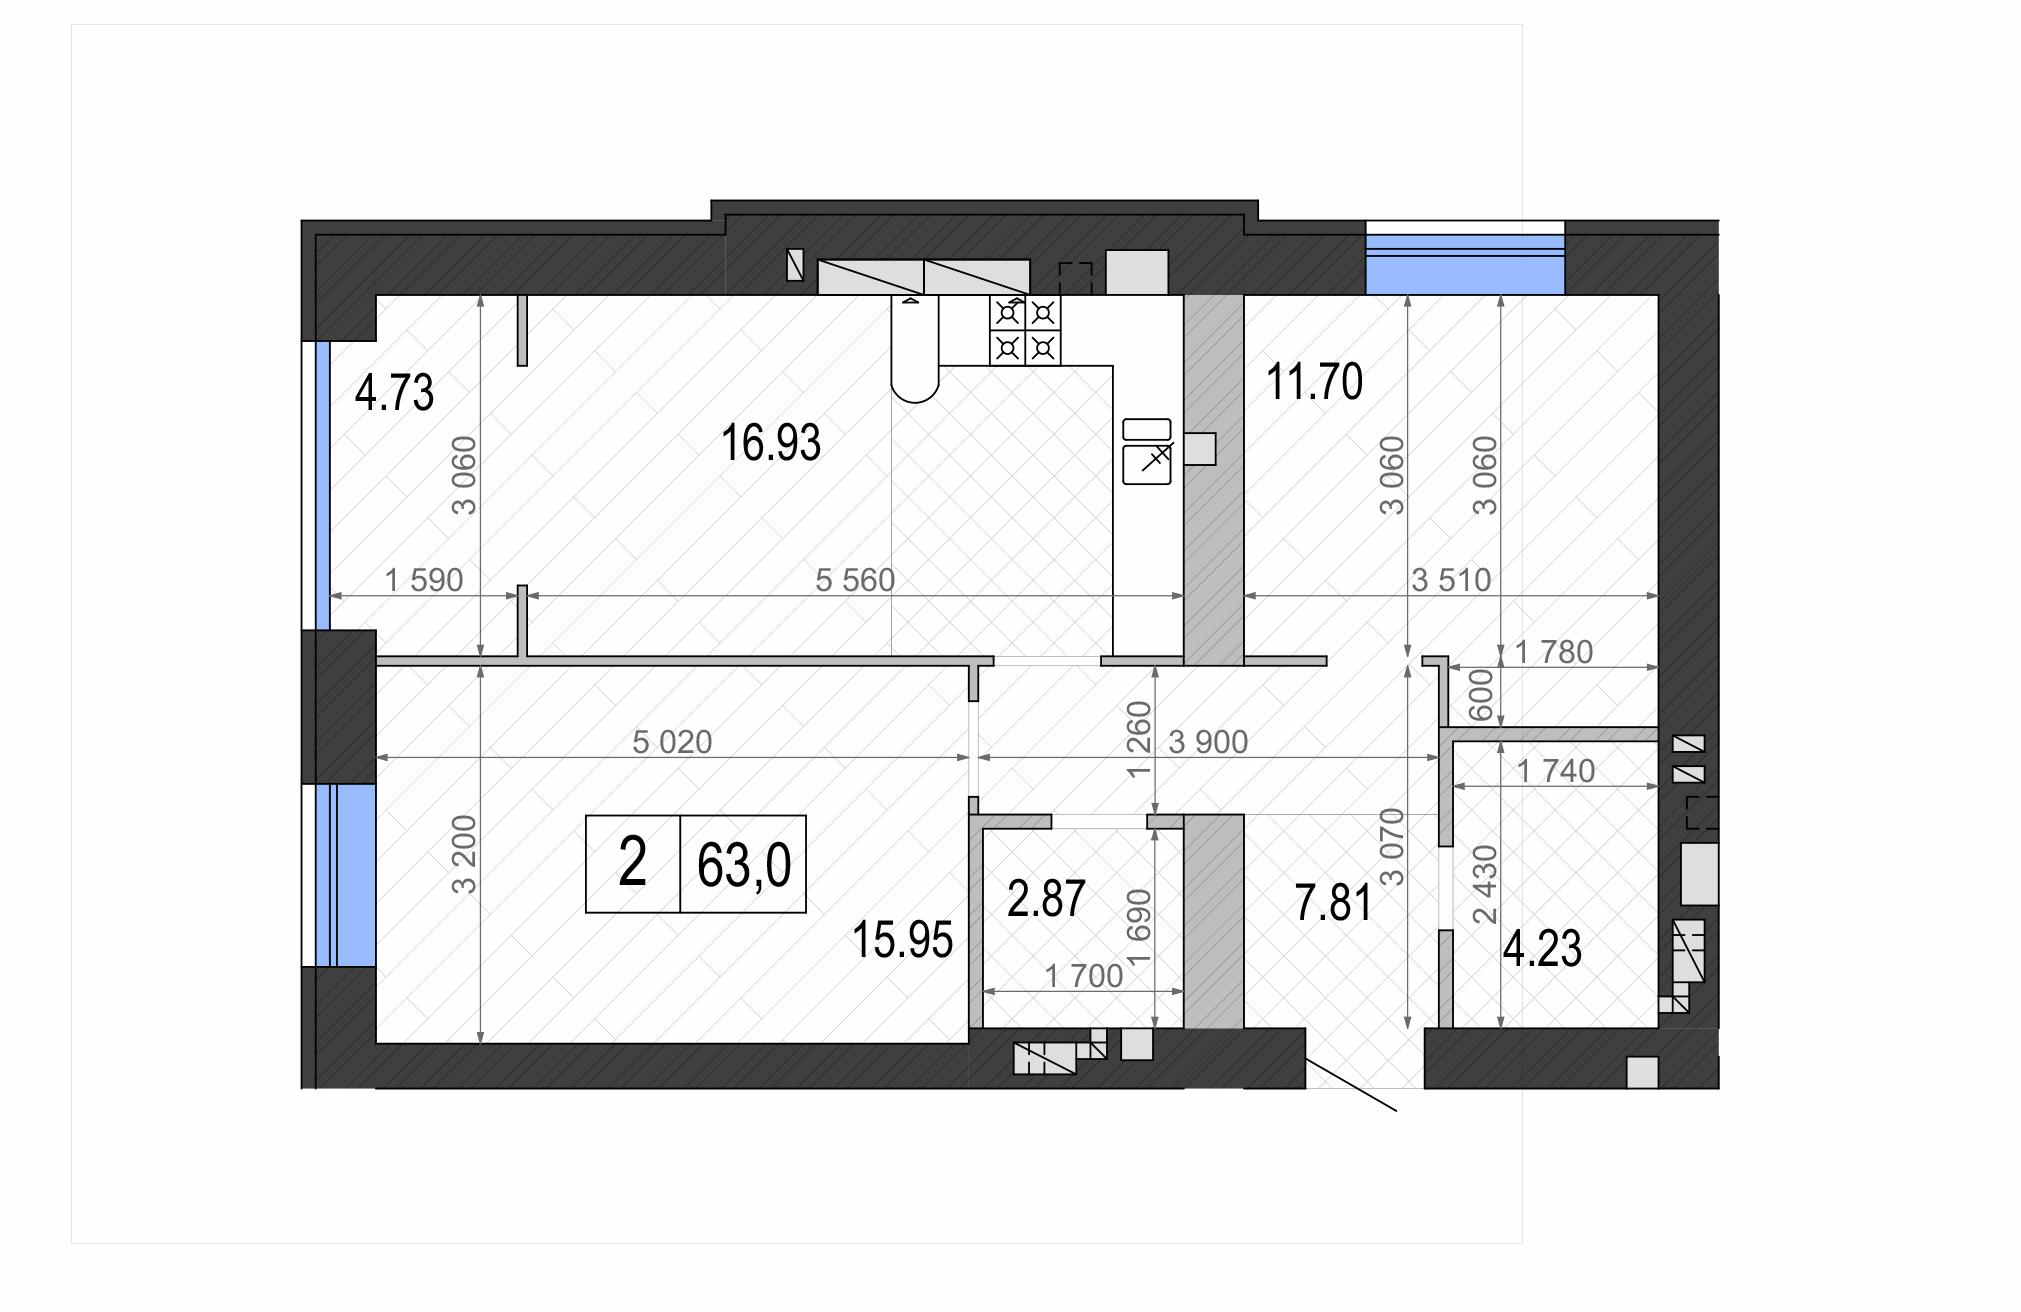 ЖК Контраст второй сезон в Ирпене планировка двухкомнатной квартиры